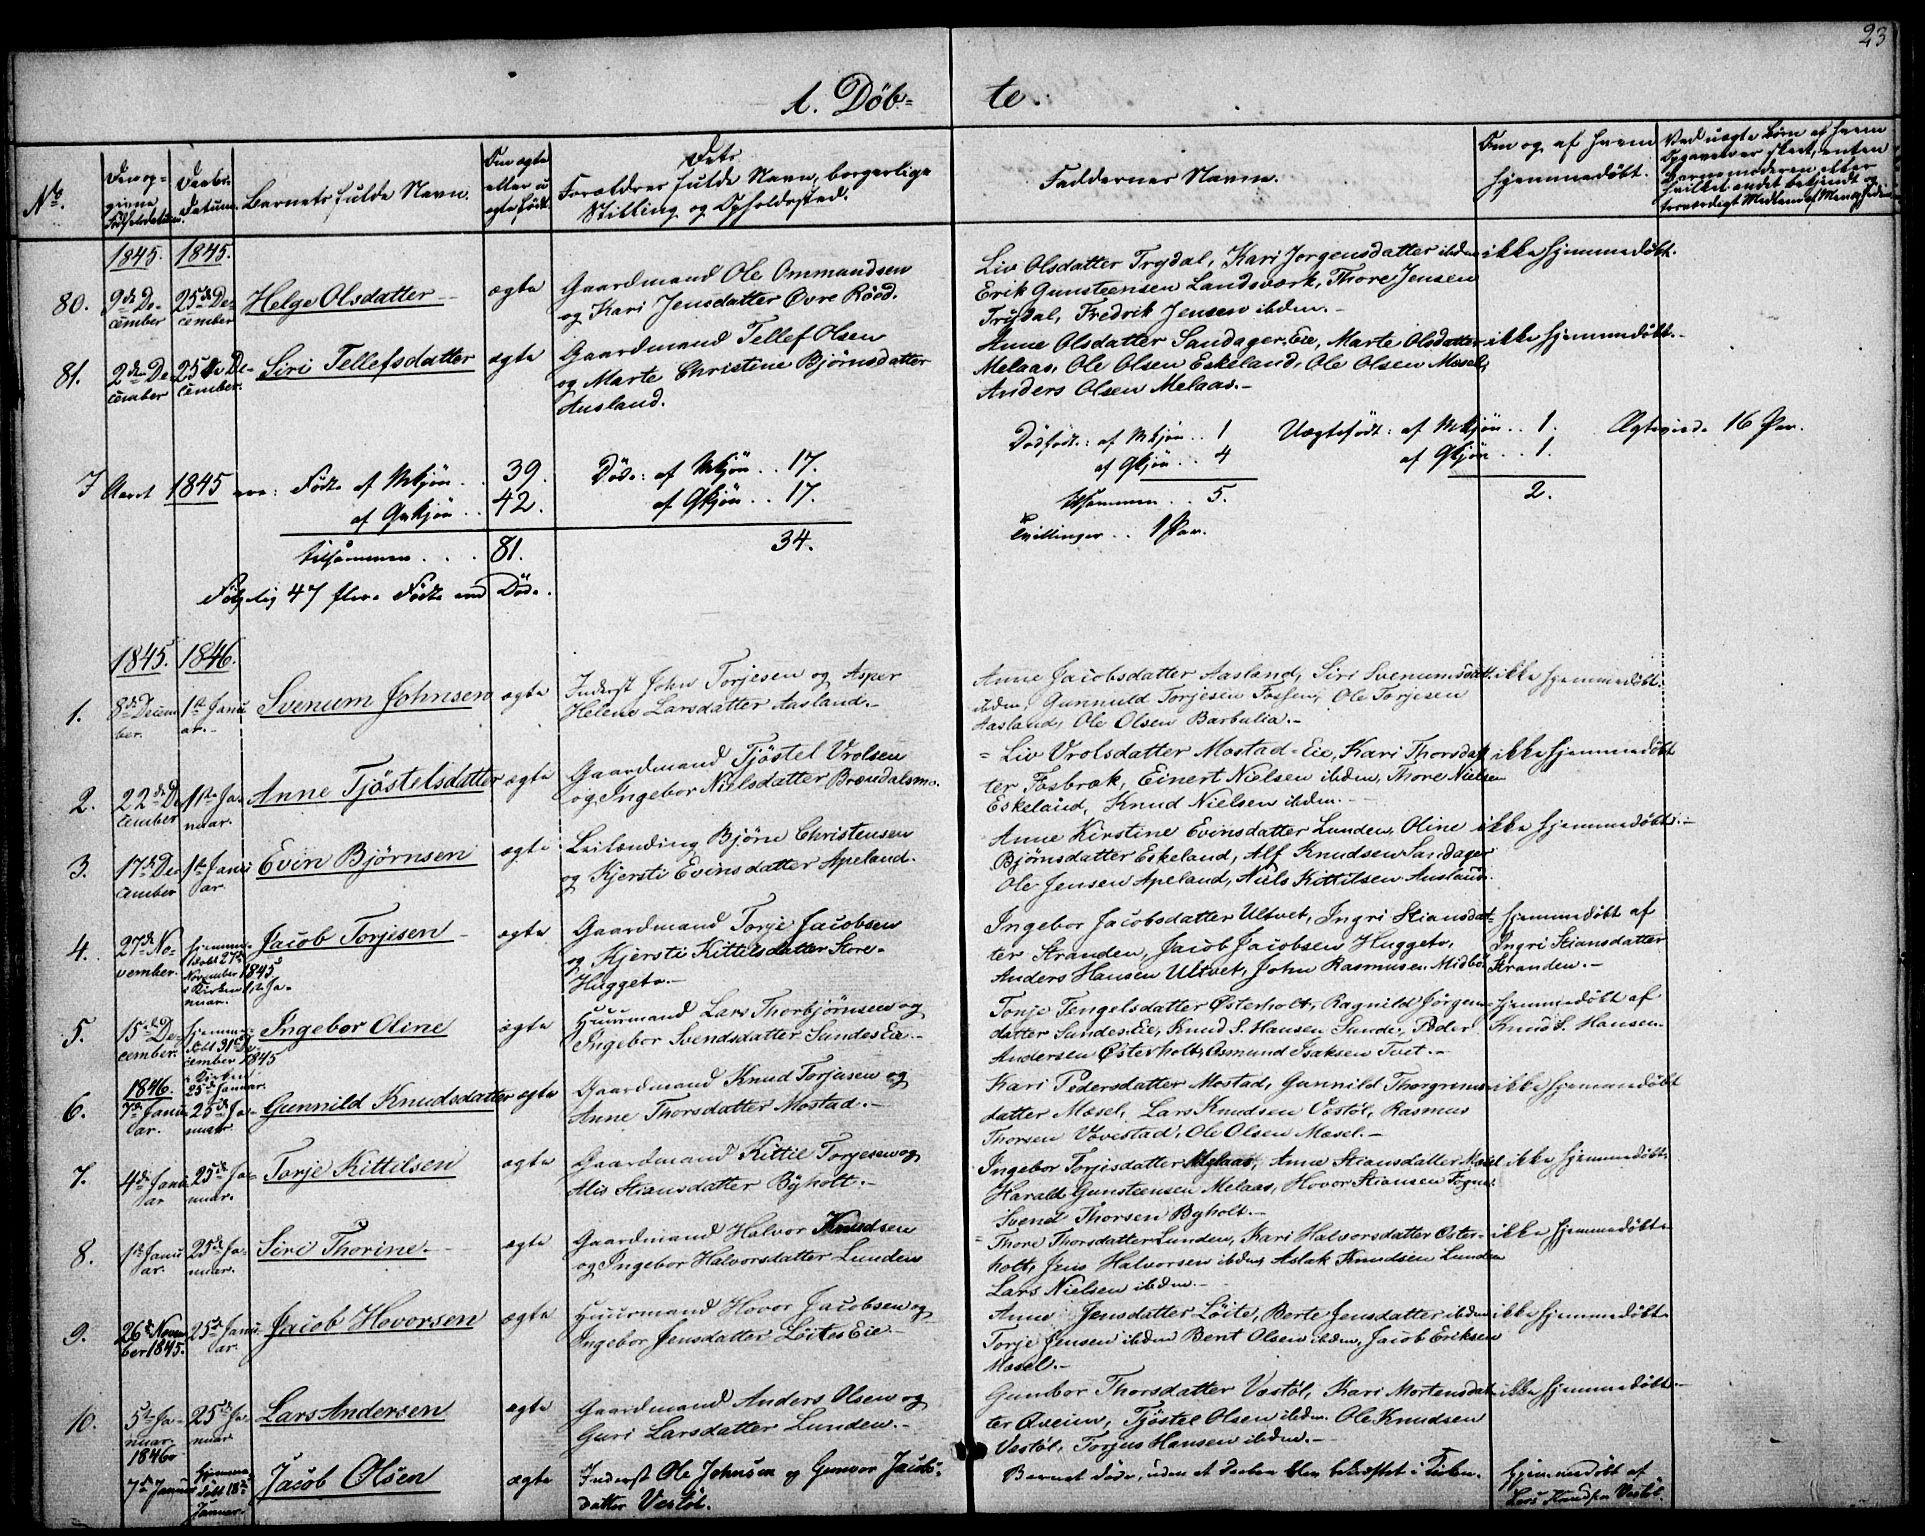 SAK, Gjerstad sokneprestkontor, F/Fa/Faa/L0006: Ministerialbok nr. A 6, 1841-1857, s. 23